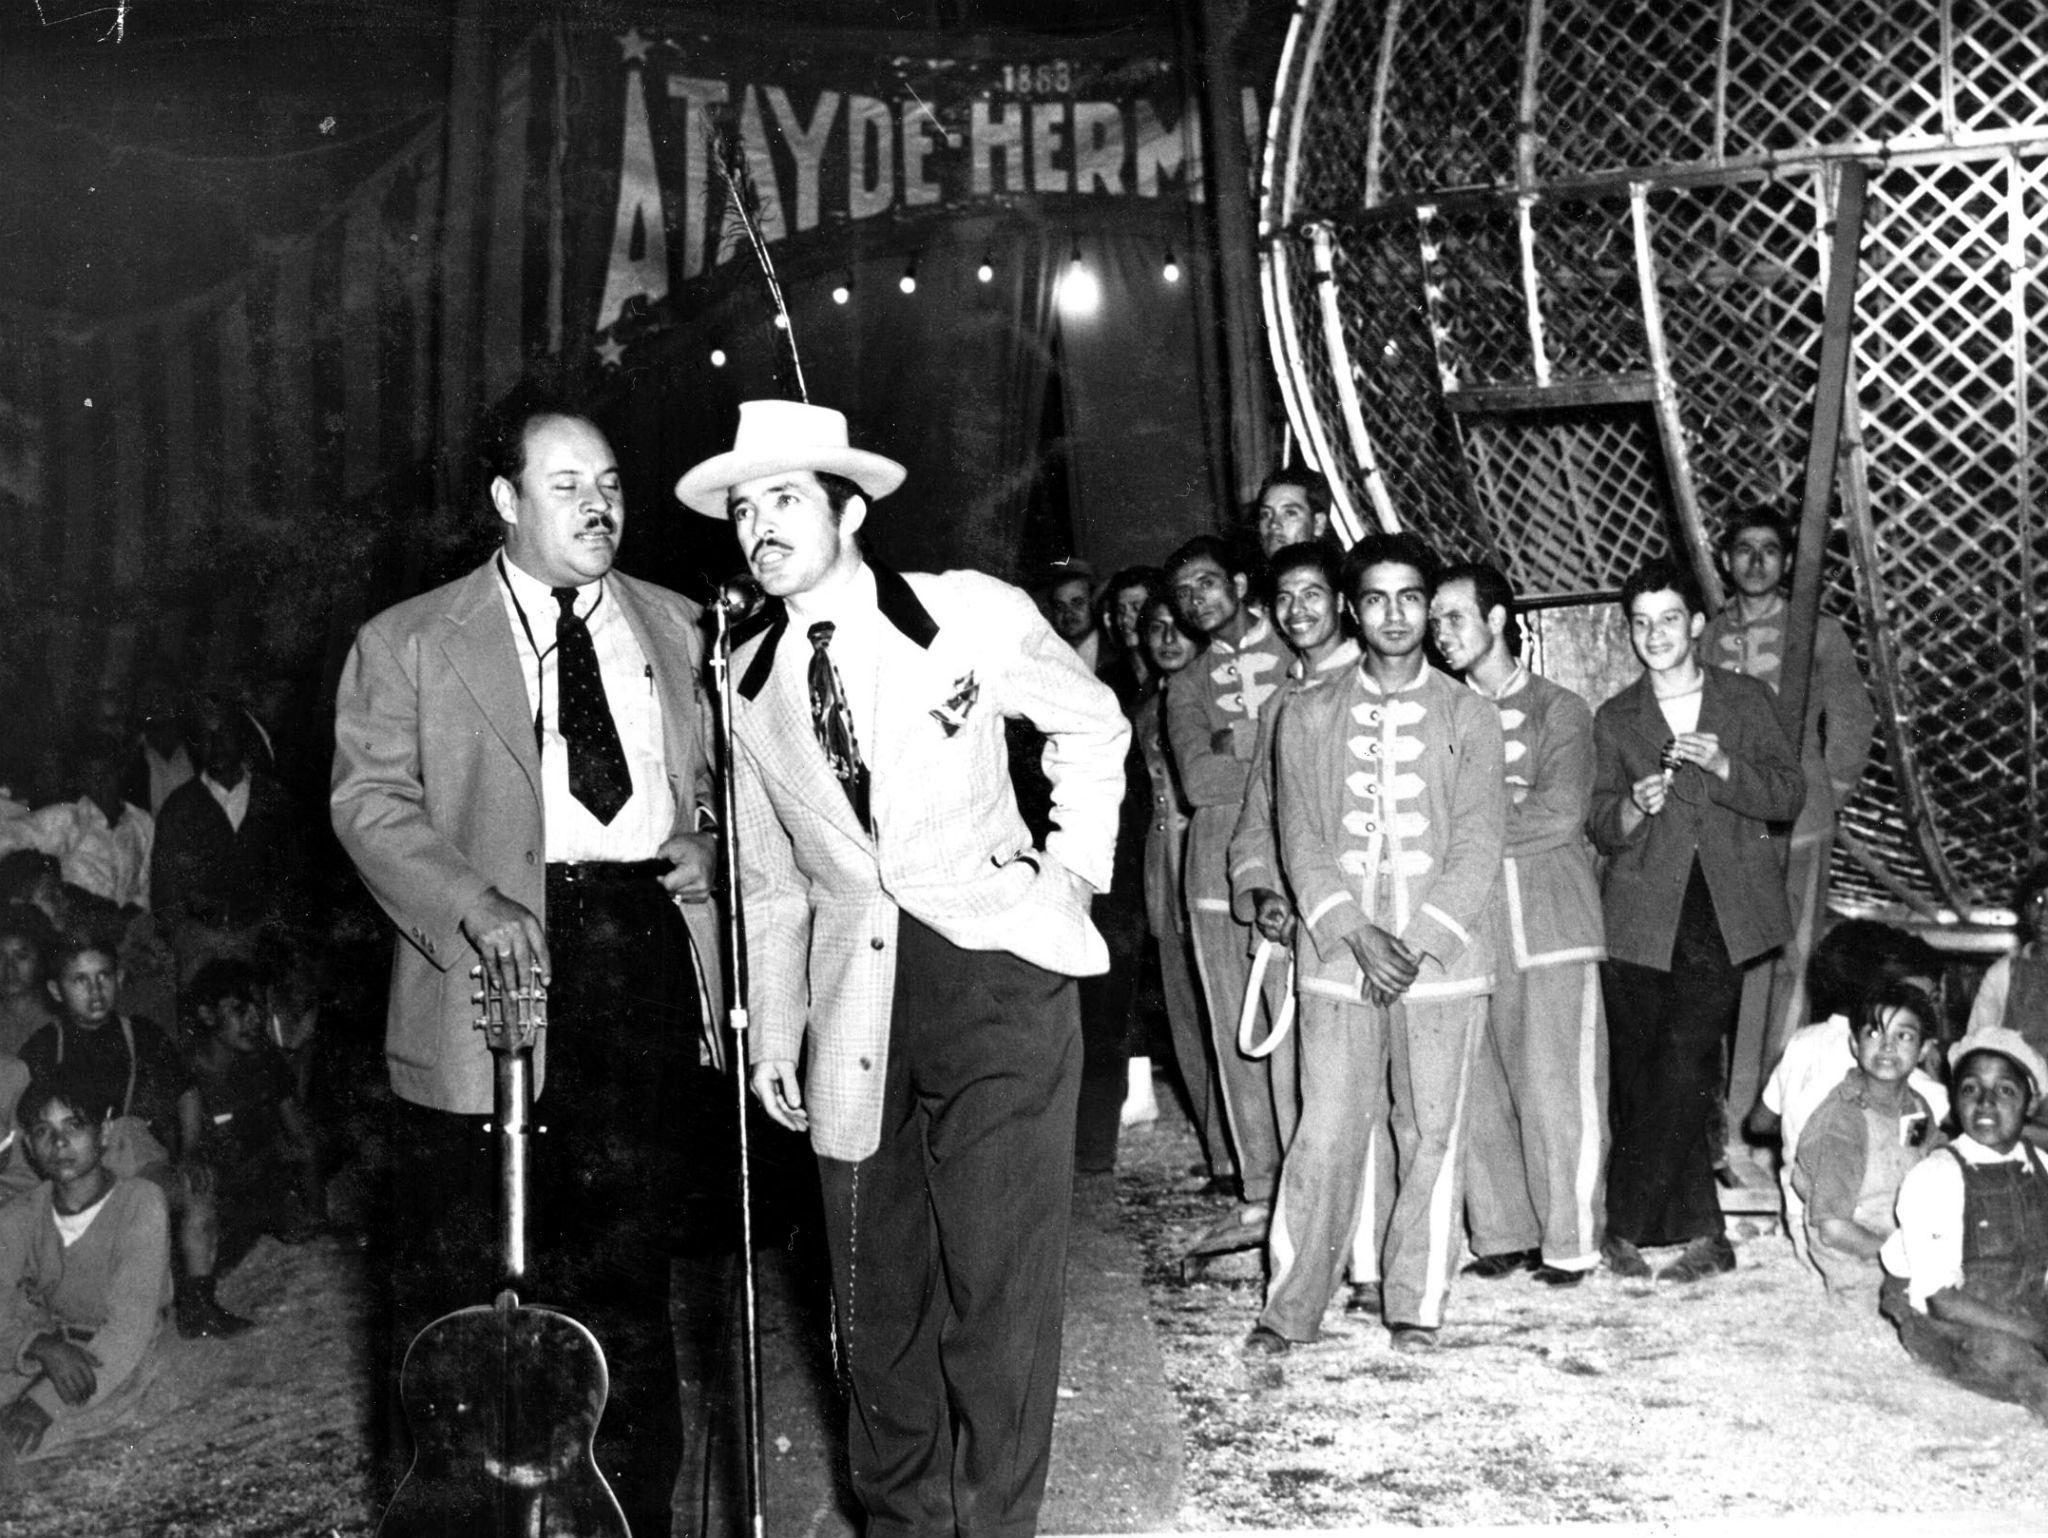 Tin-Tan y Marcelo en el Circo Atayde Hermanos